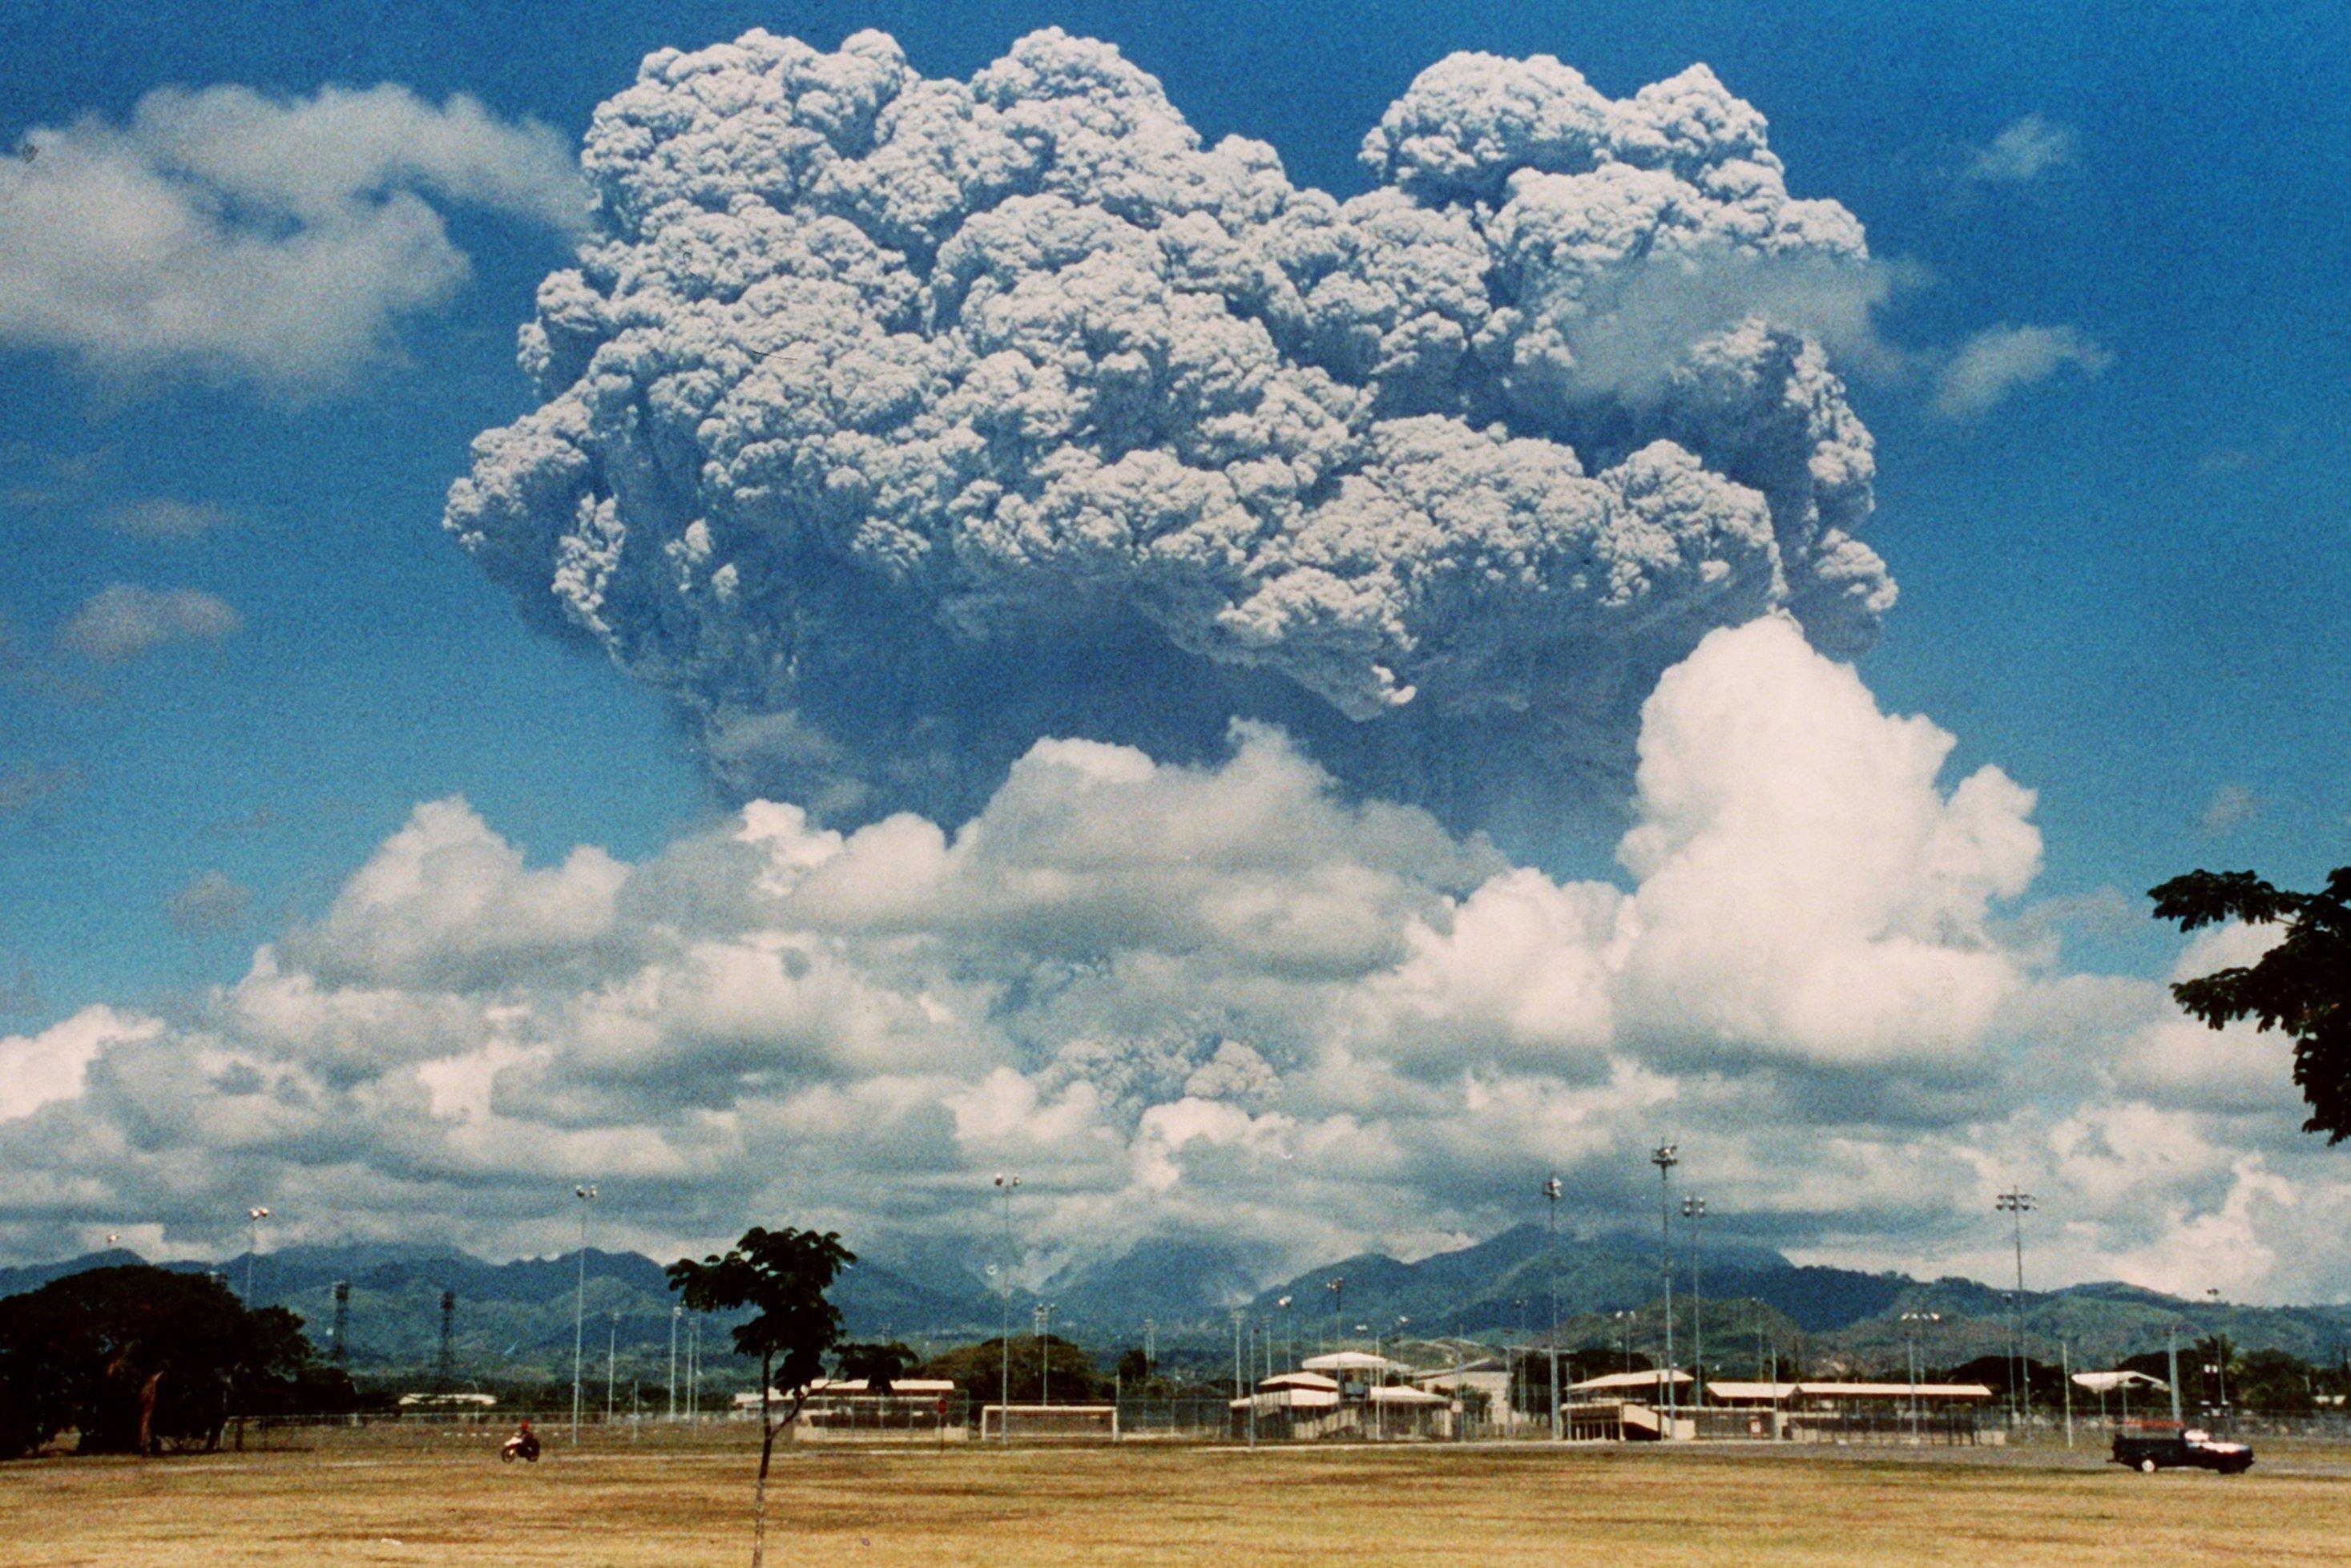 Eine Aschewolke aus dem Vulkan Pinatubo auf der Nordinsel Luzon/Philippinen ist am 9. Juni 1991 über der US-amerikanischen Clark Air Base zu sehen. Der schwere Ausbruch forderte bis zu 1.000 Menschenleben.